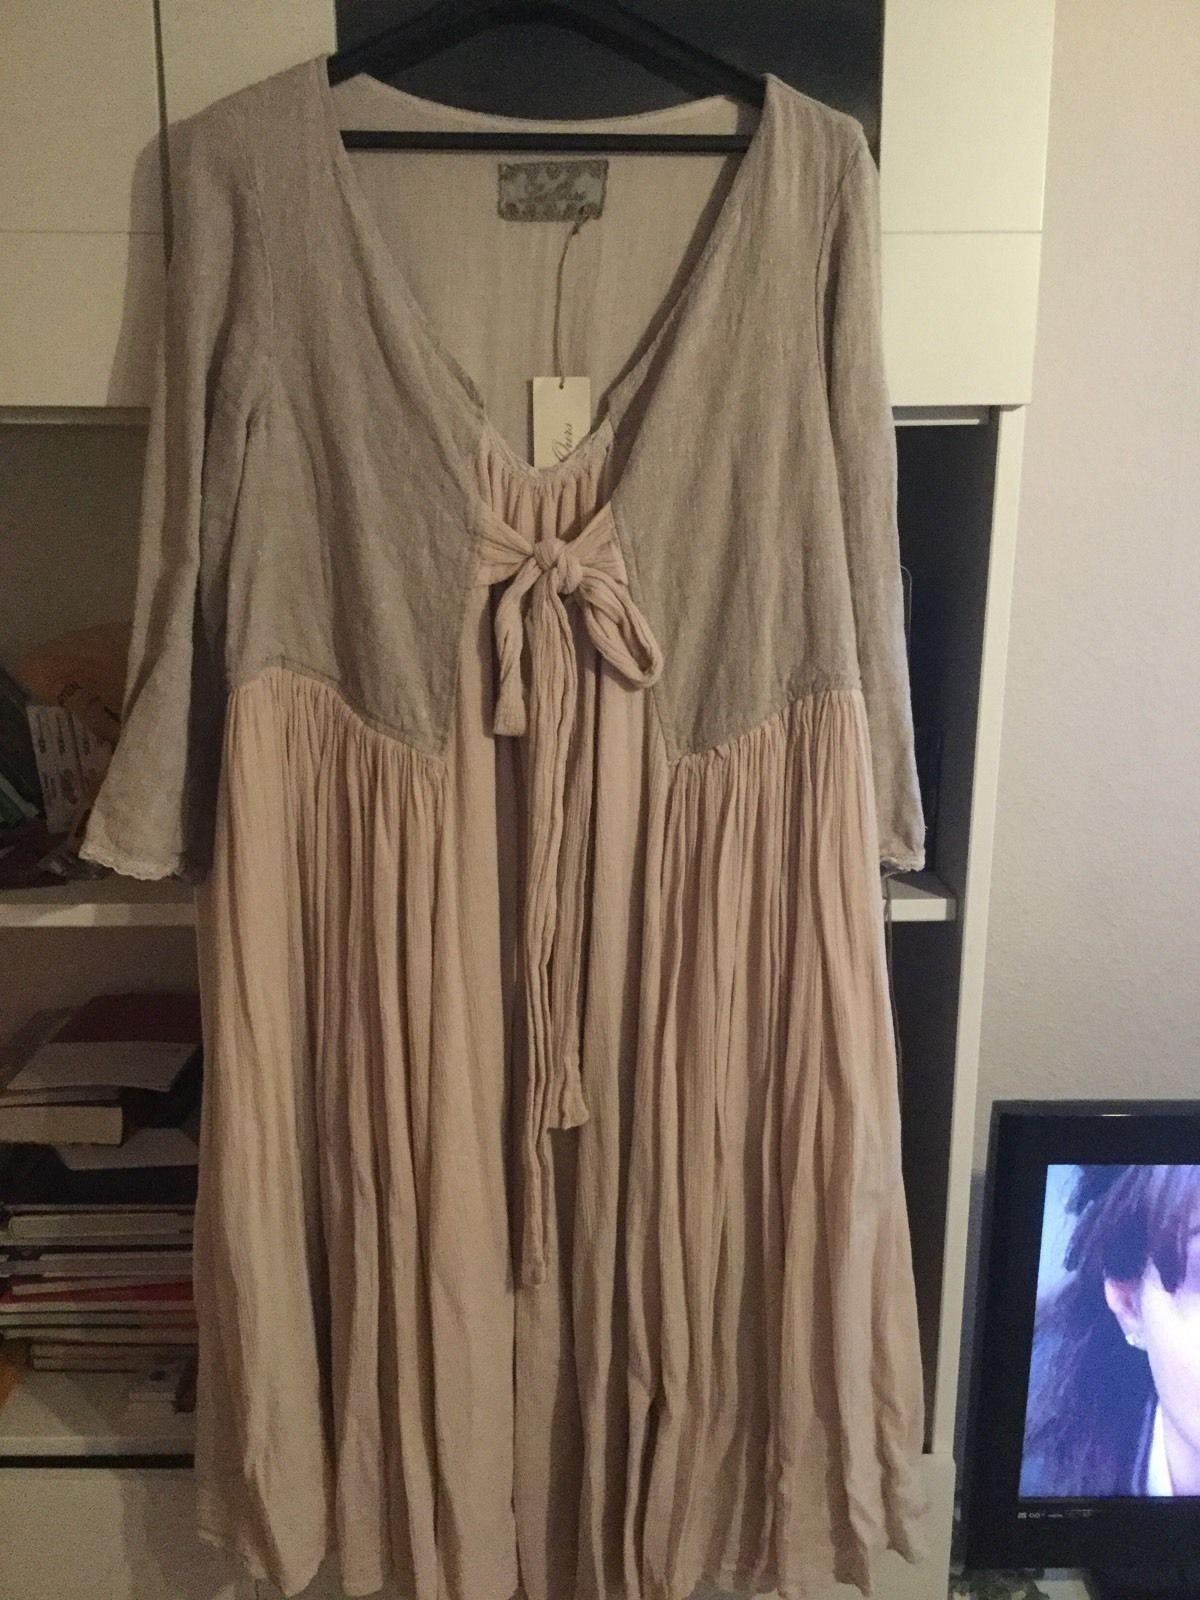 les ours Kleid neu Ein Traum In Leinen und Baumwolle | eBay